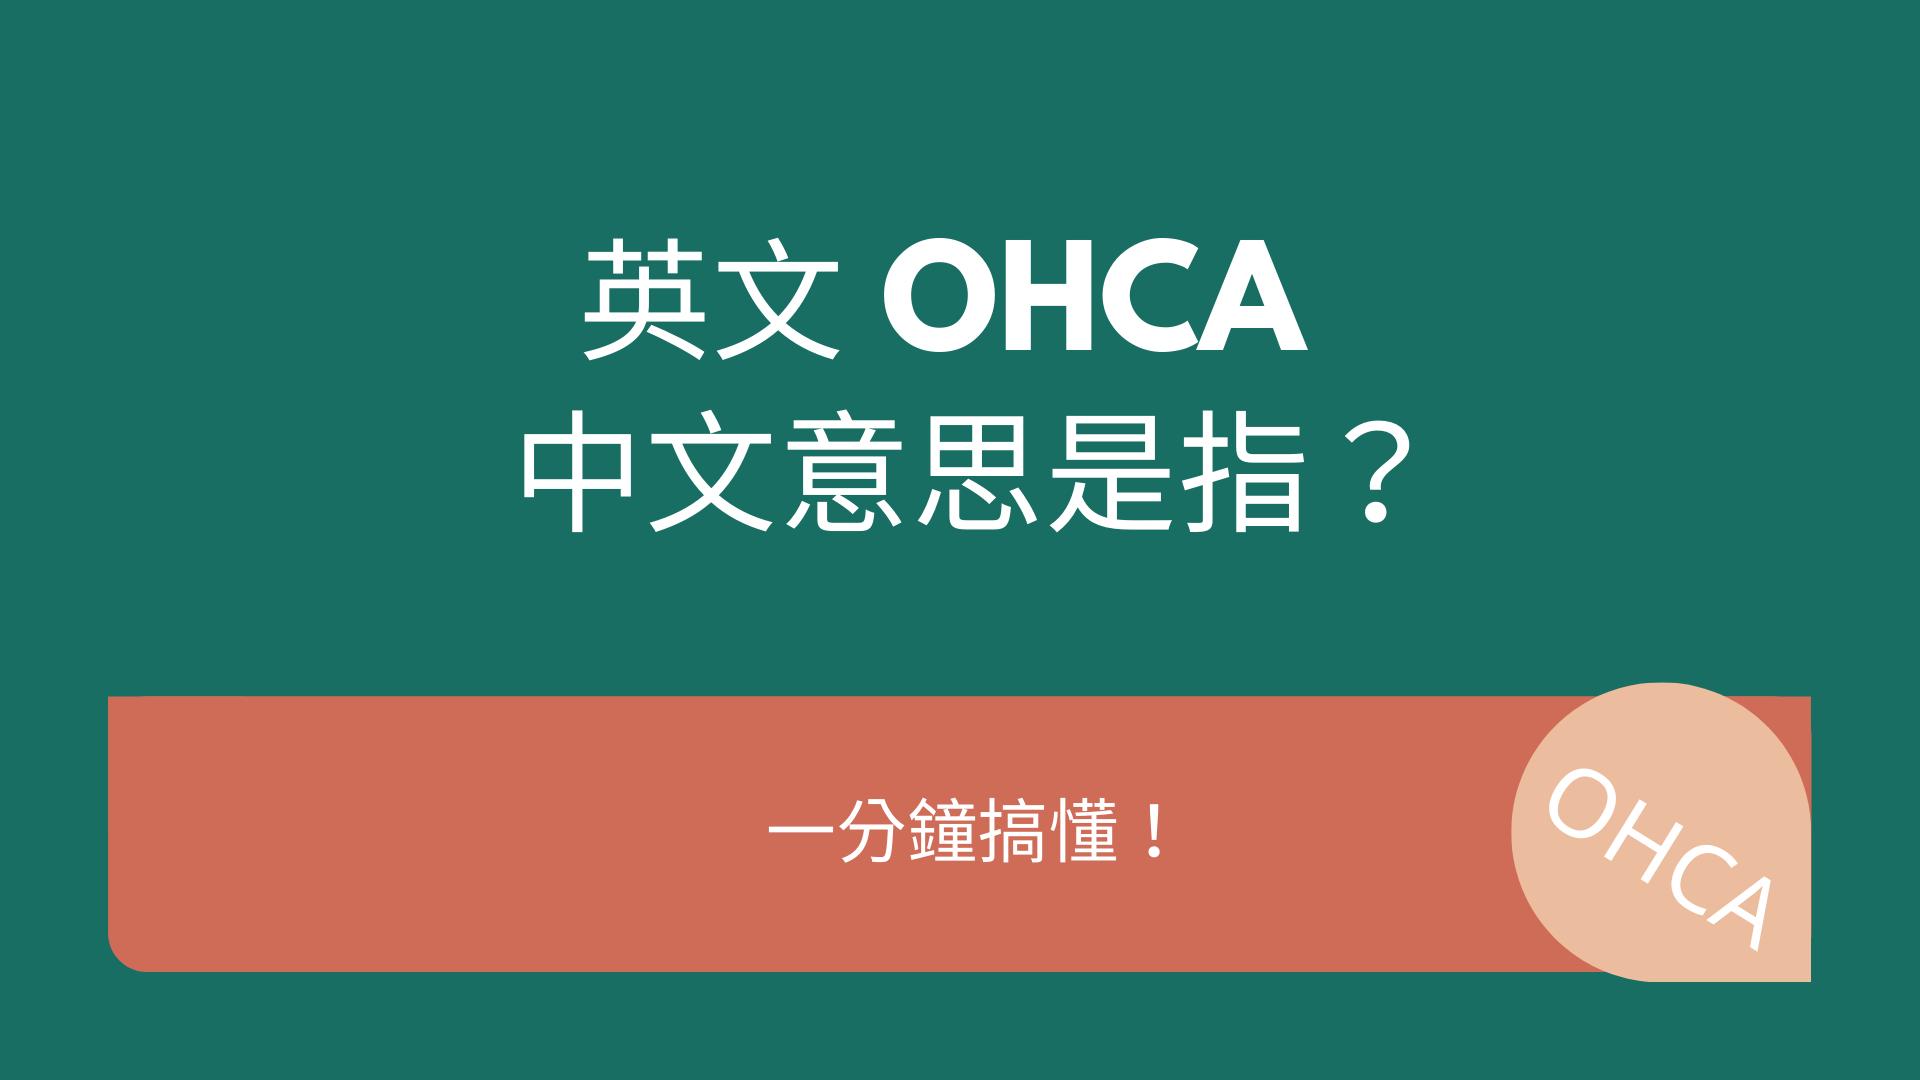 英文 OHCA 中文意思是指?一分鐘搞懂!